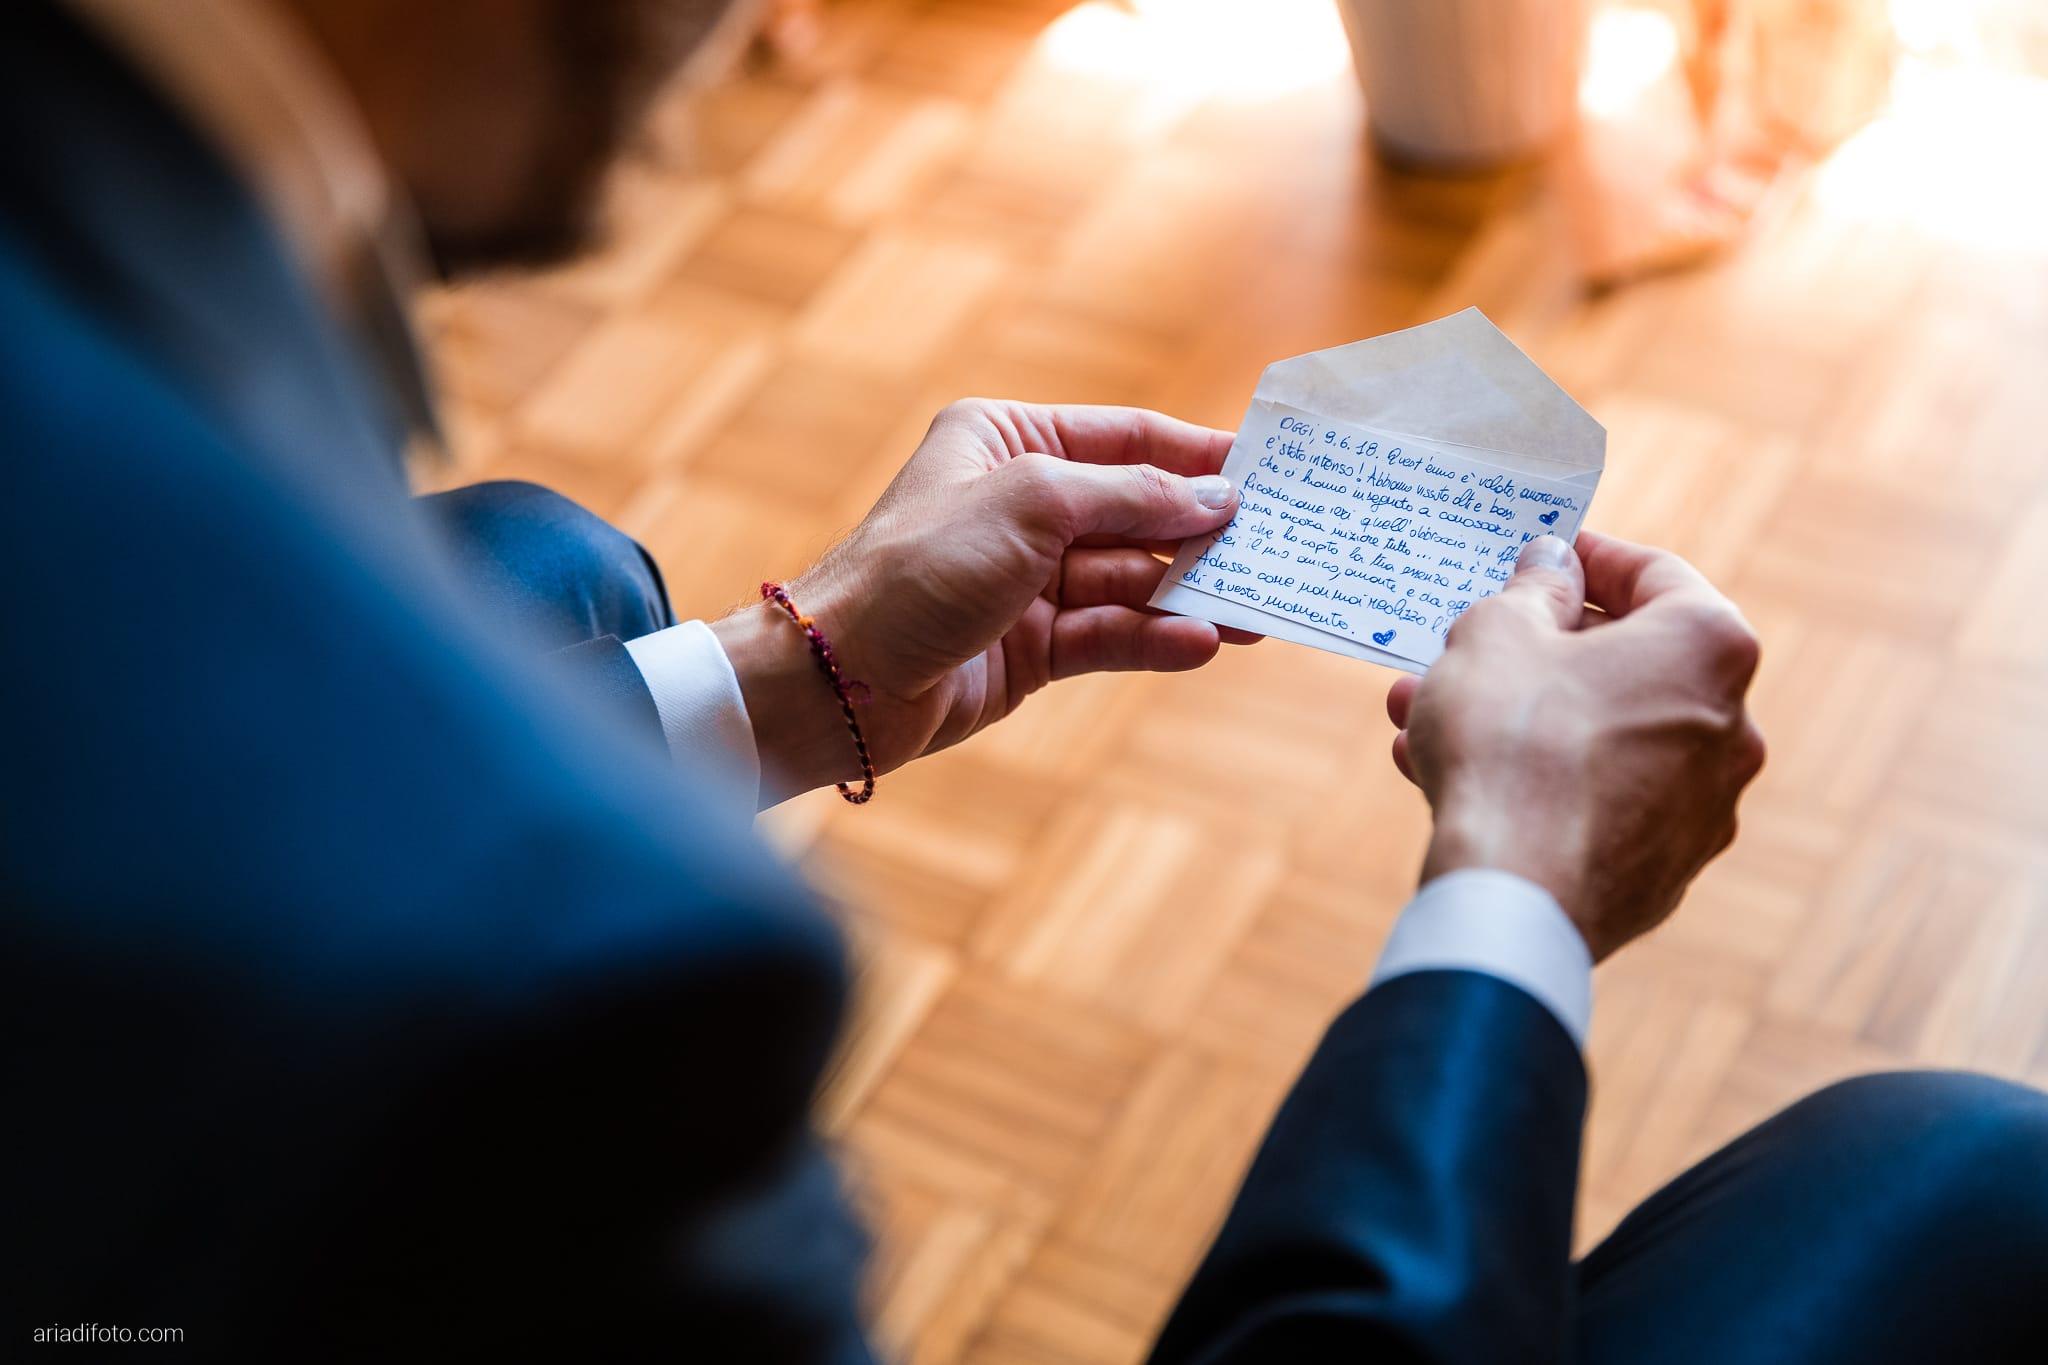 Giorgia Davide Matrimonio Muggia Trieste Baronesse Tacco San Floriano Del Collio Gorizia preparazione sposo momenti lettera